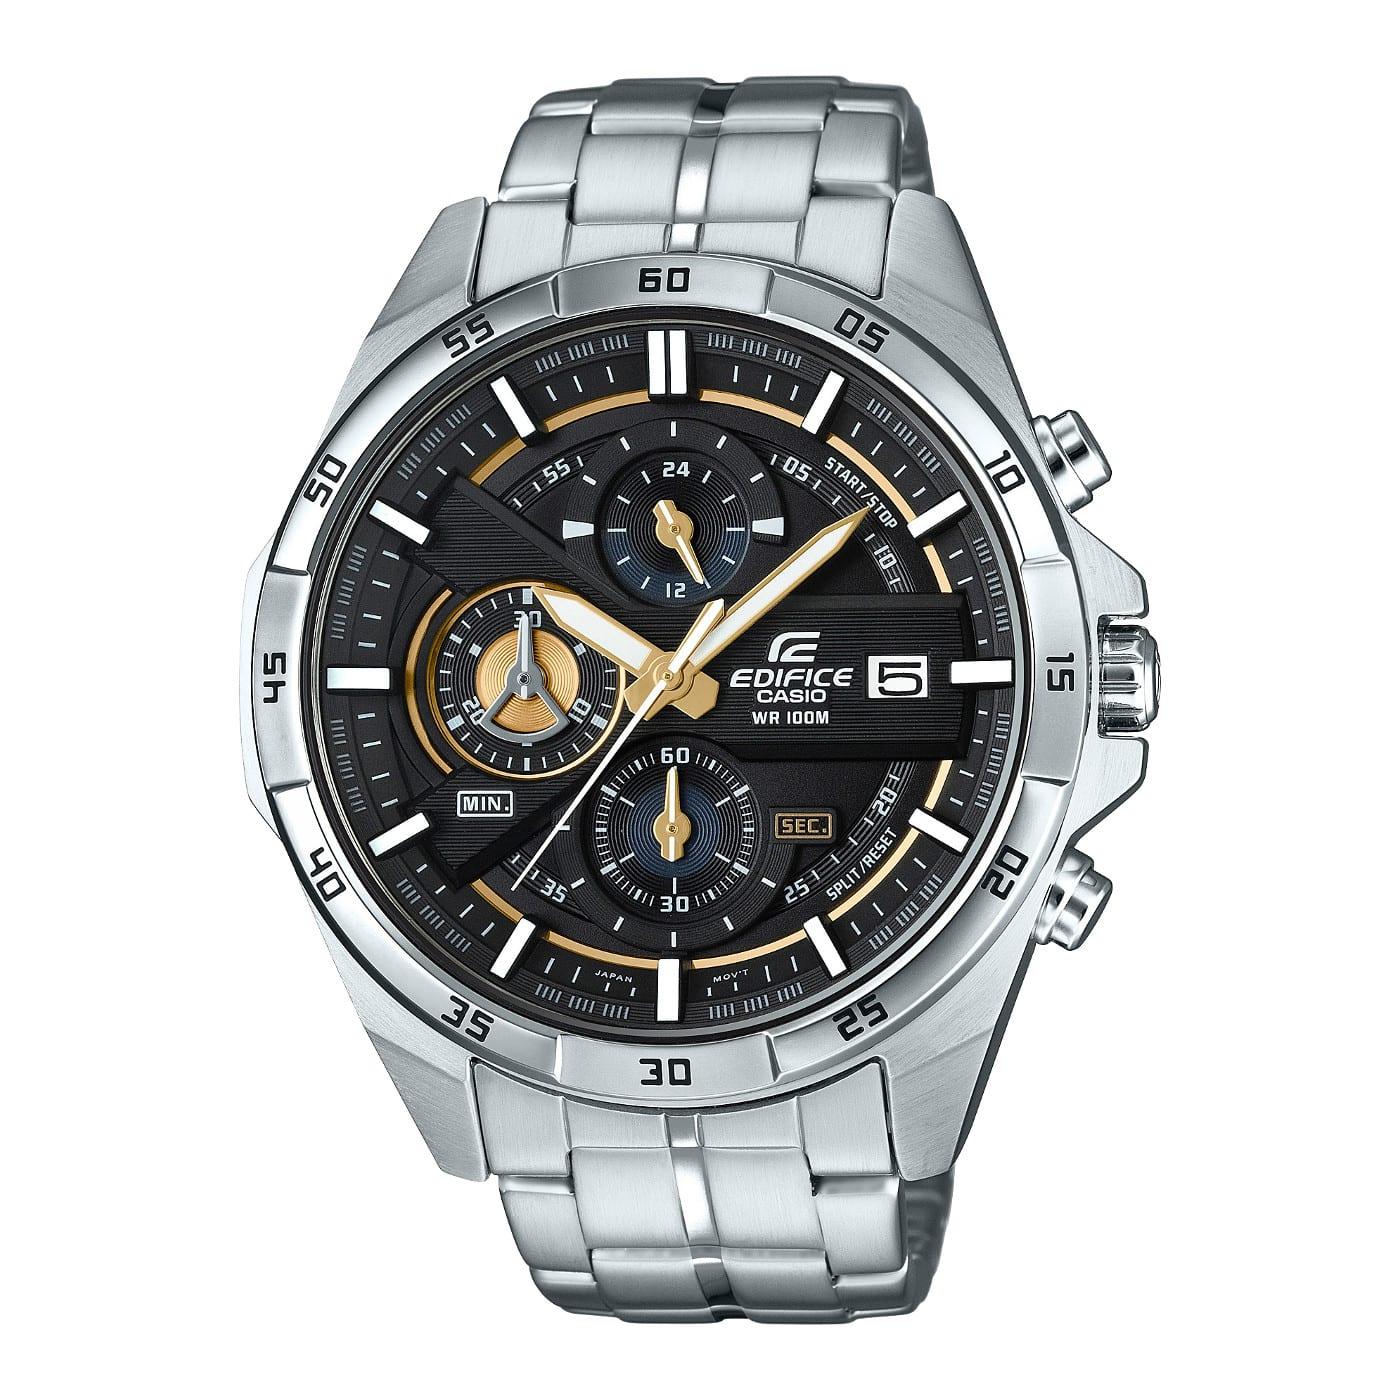 Afbeelding van Edifice Classic horloge EFR 556D 1AVUEF